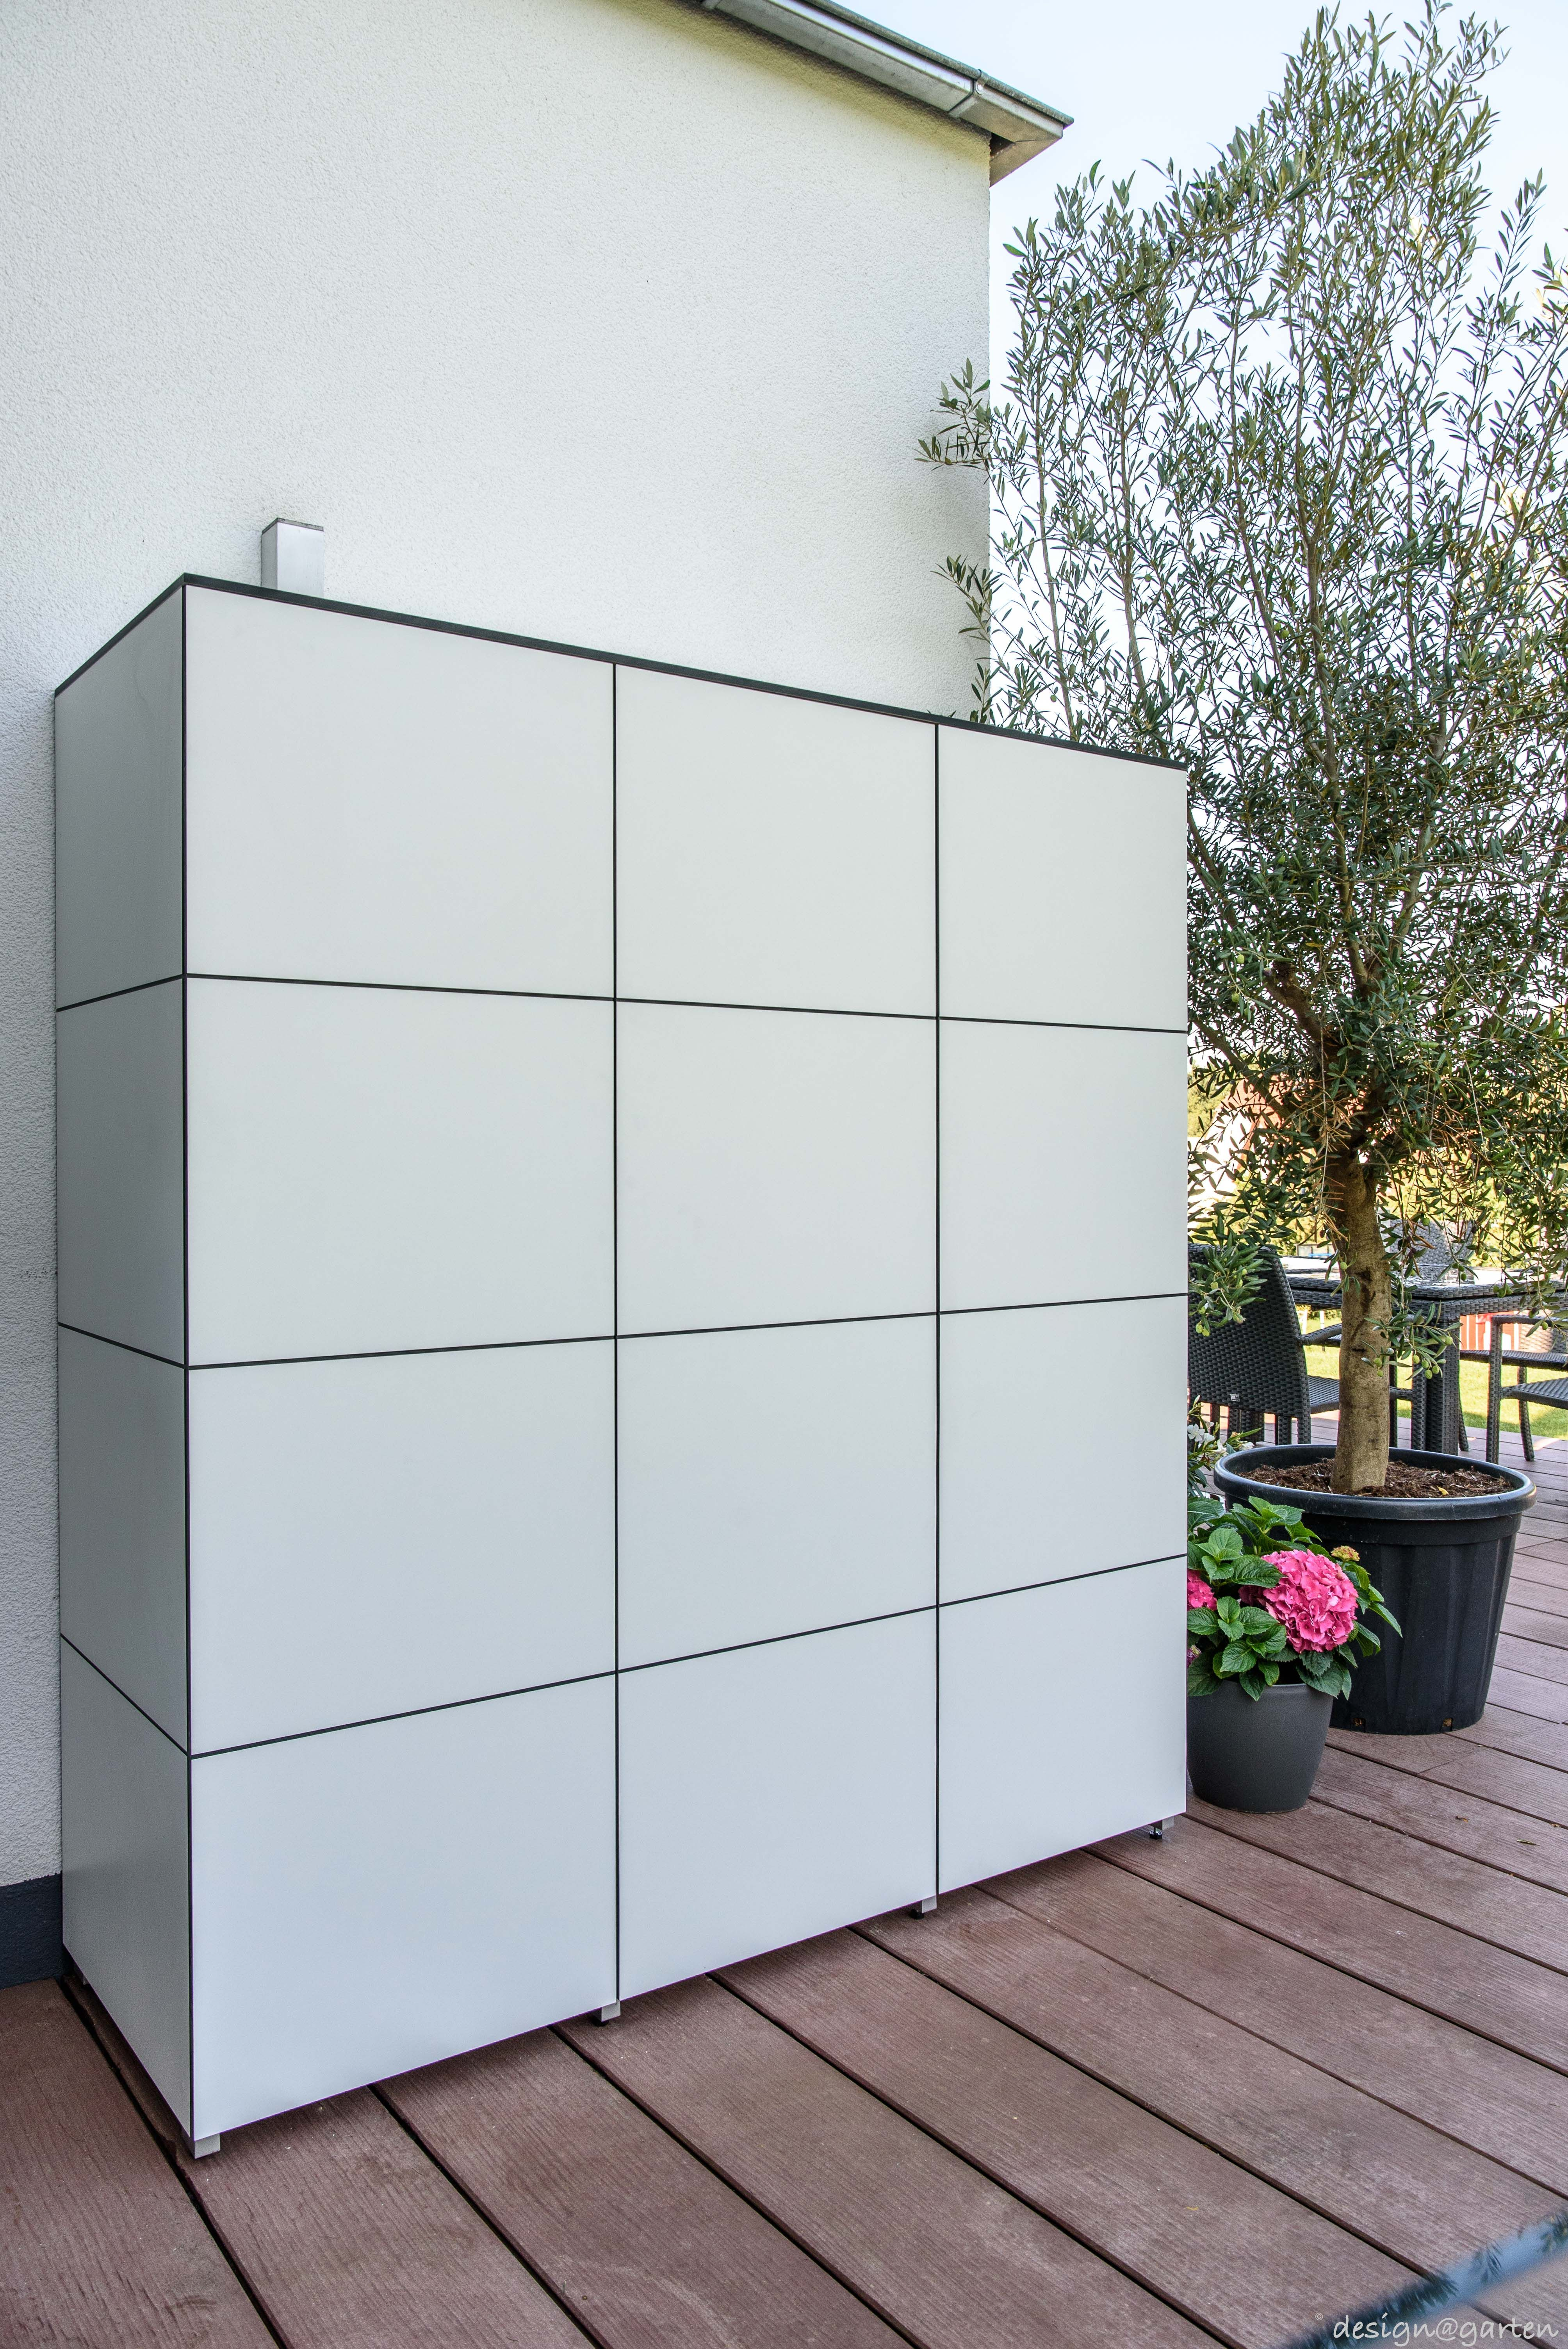 Balkonschrank Terrassenschrank Hochschrank Win By Design Garten Augsburg Farbe Weiss Wetterfest Uv Bestandig Gartenschrank Design Gartenhaus Garten